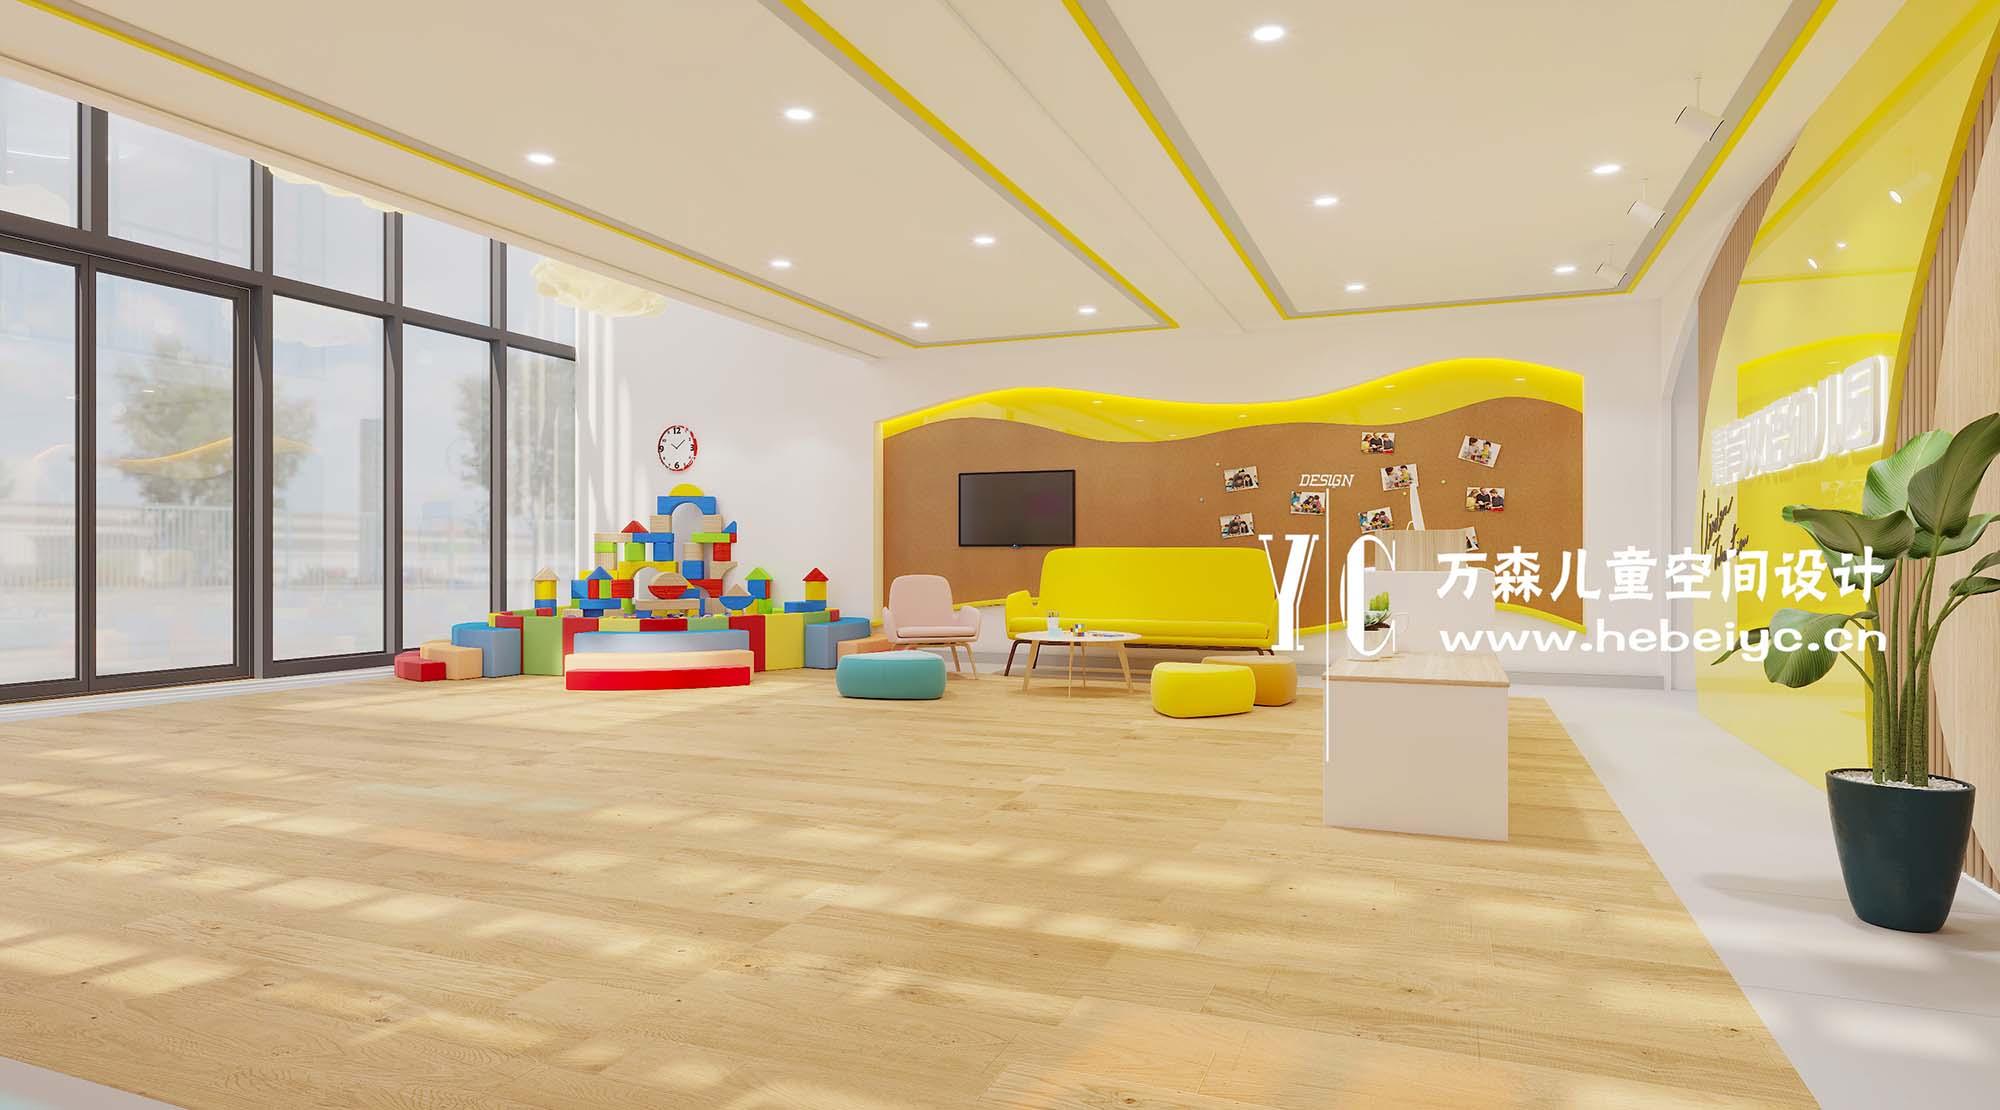 保定|幼儿园设计|幼儿园改造设计|幼儿园设计大图